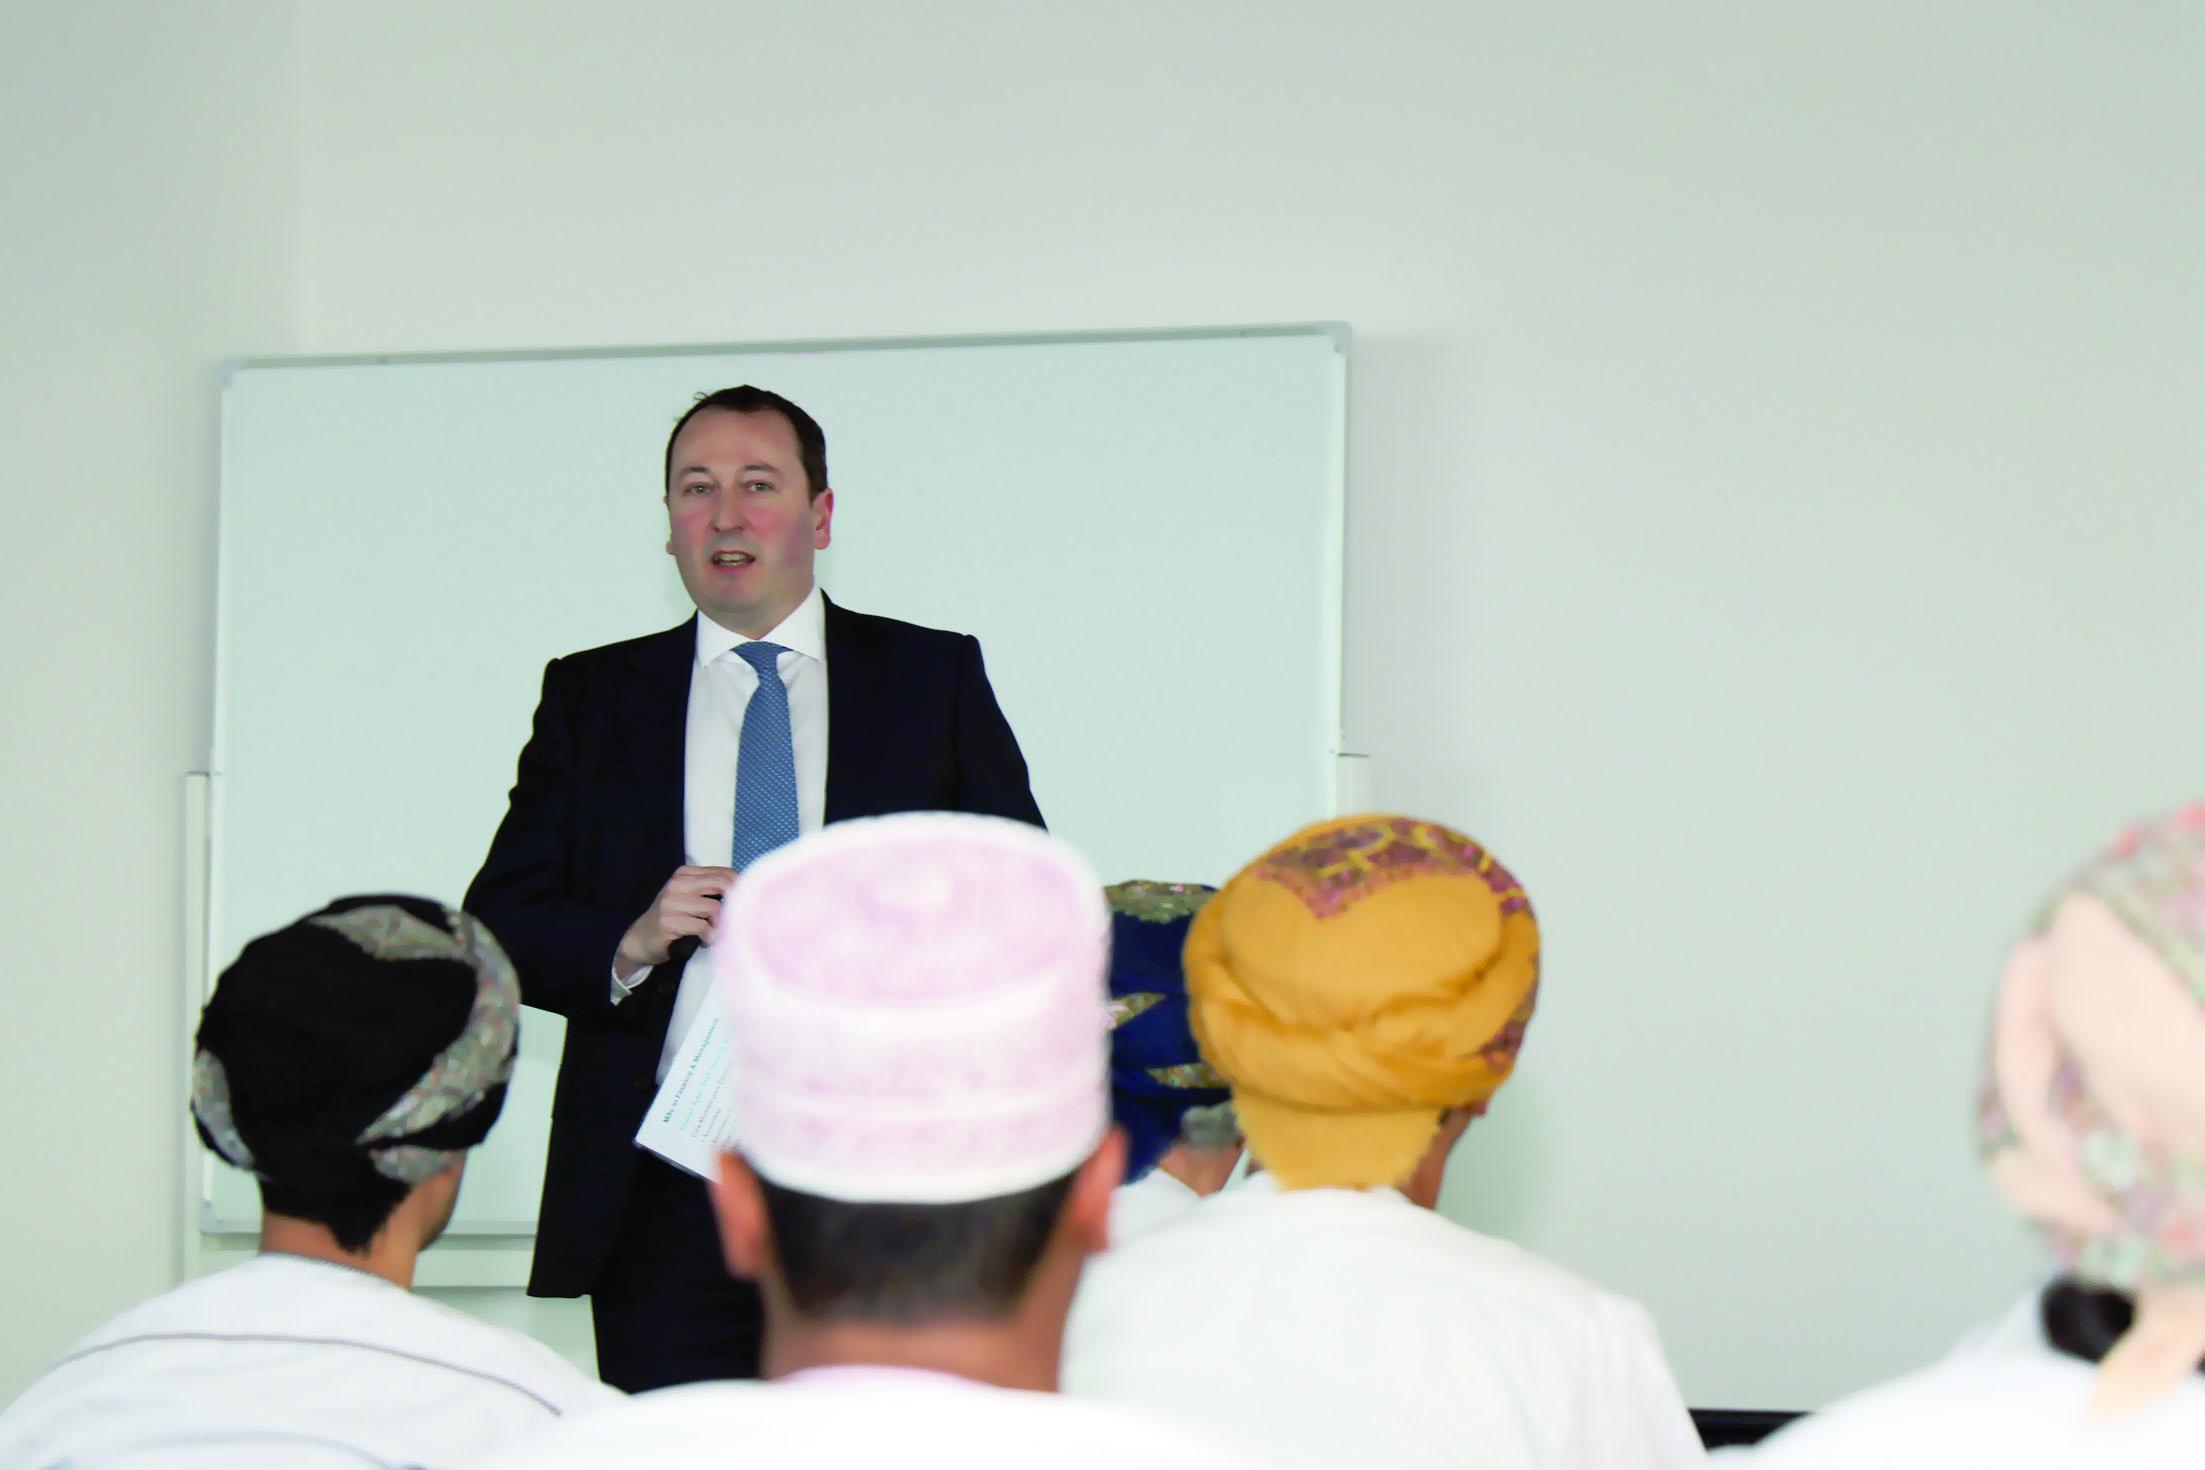 جامعة مسقط وجامعة كرانفيلد تتساعدان لطرح برامج الماجستير